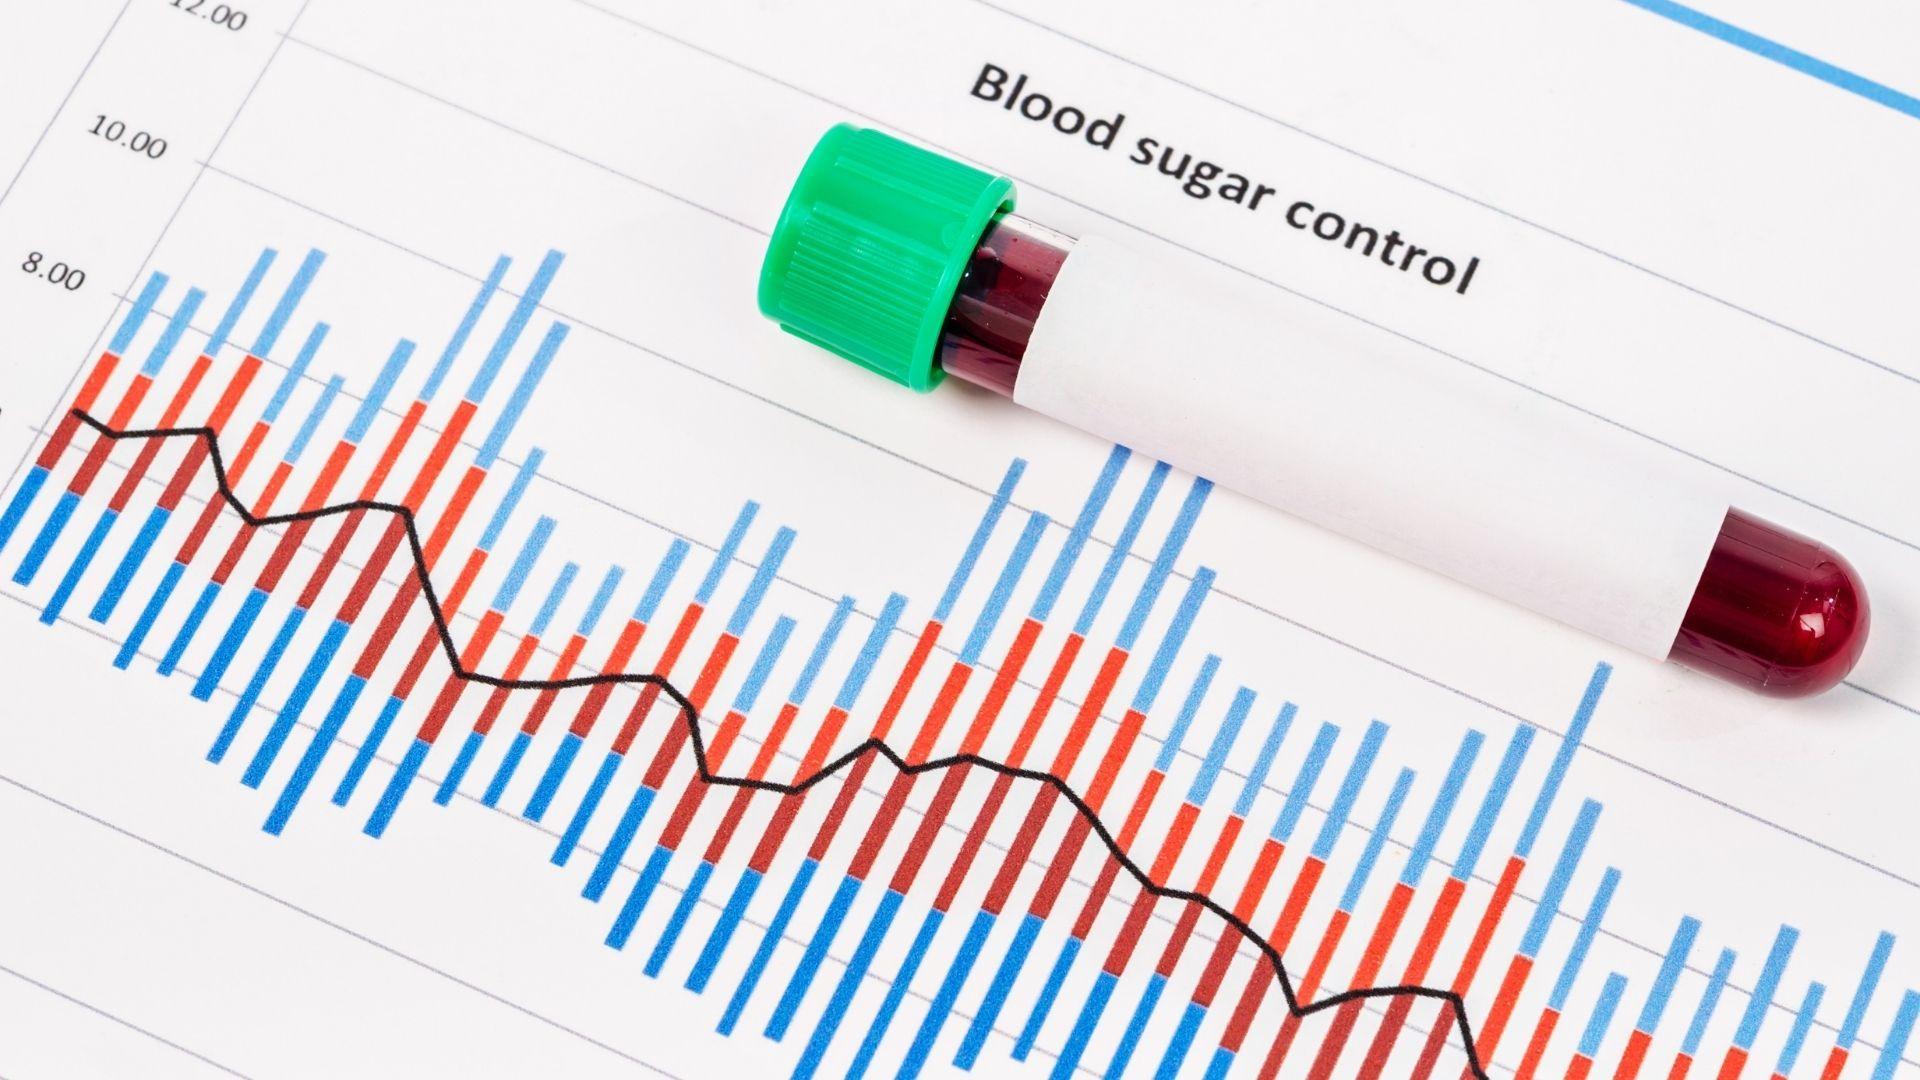 غربال گری برای دیابت بارداری